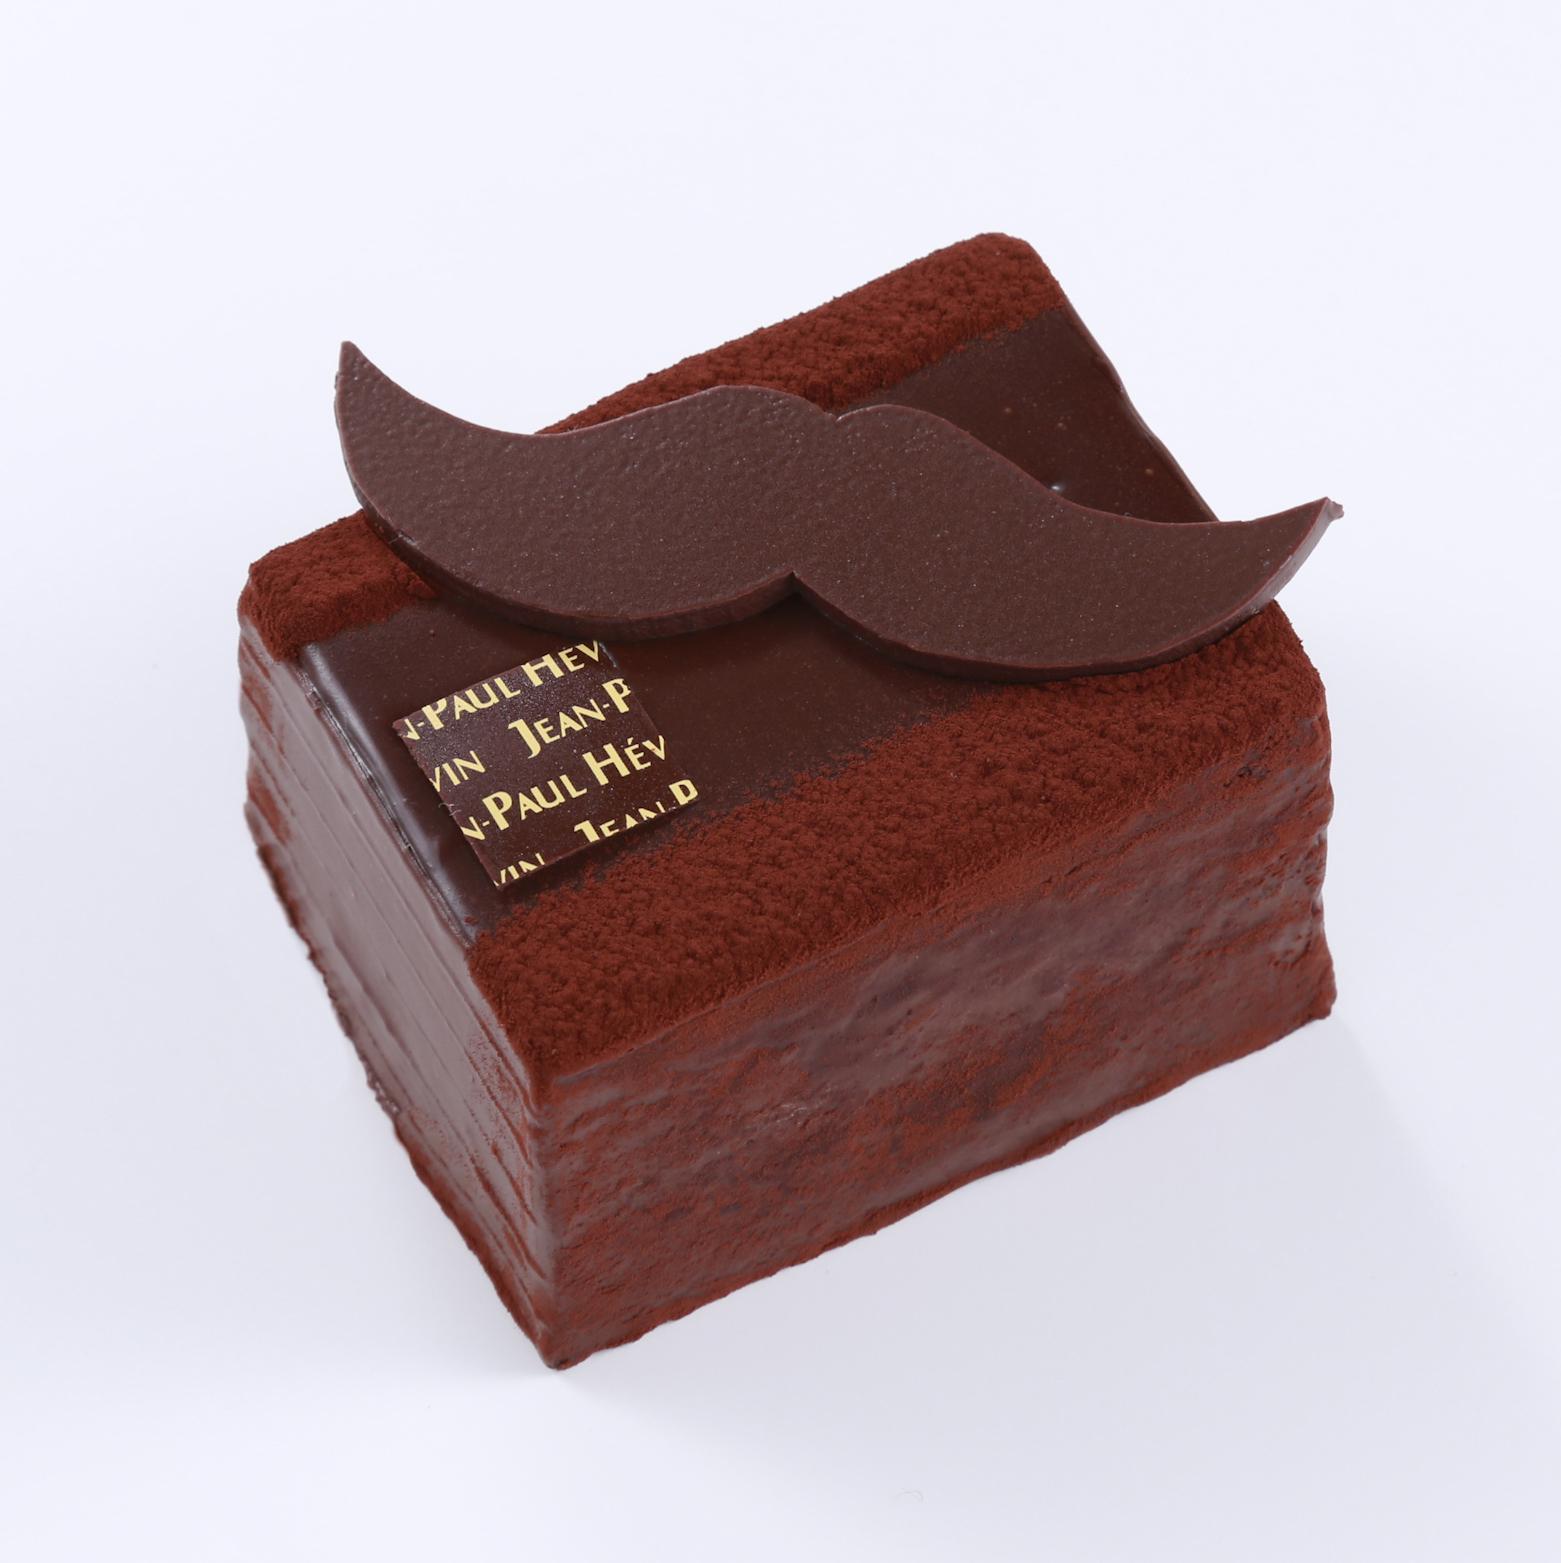 父の日には、ちょっぴりファニーな『ジャン=ポール・エヴァン』のケーキを♡_1